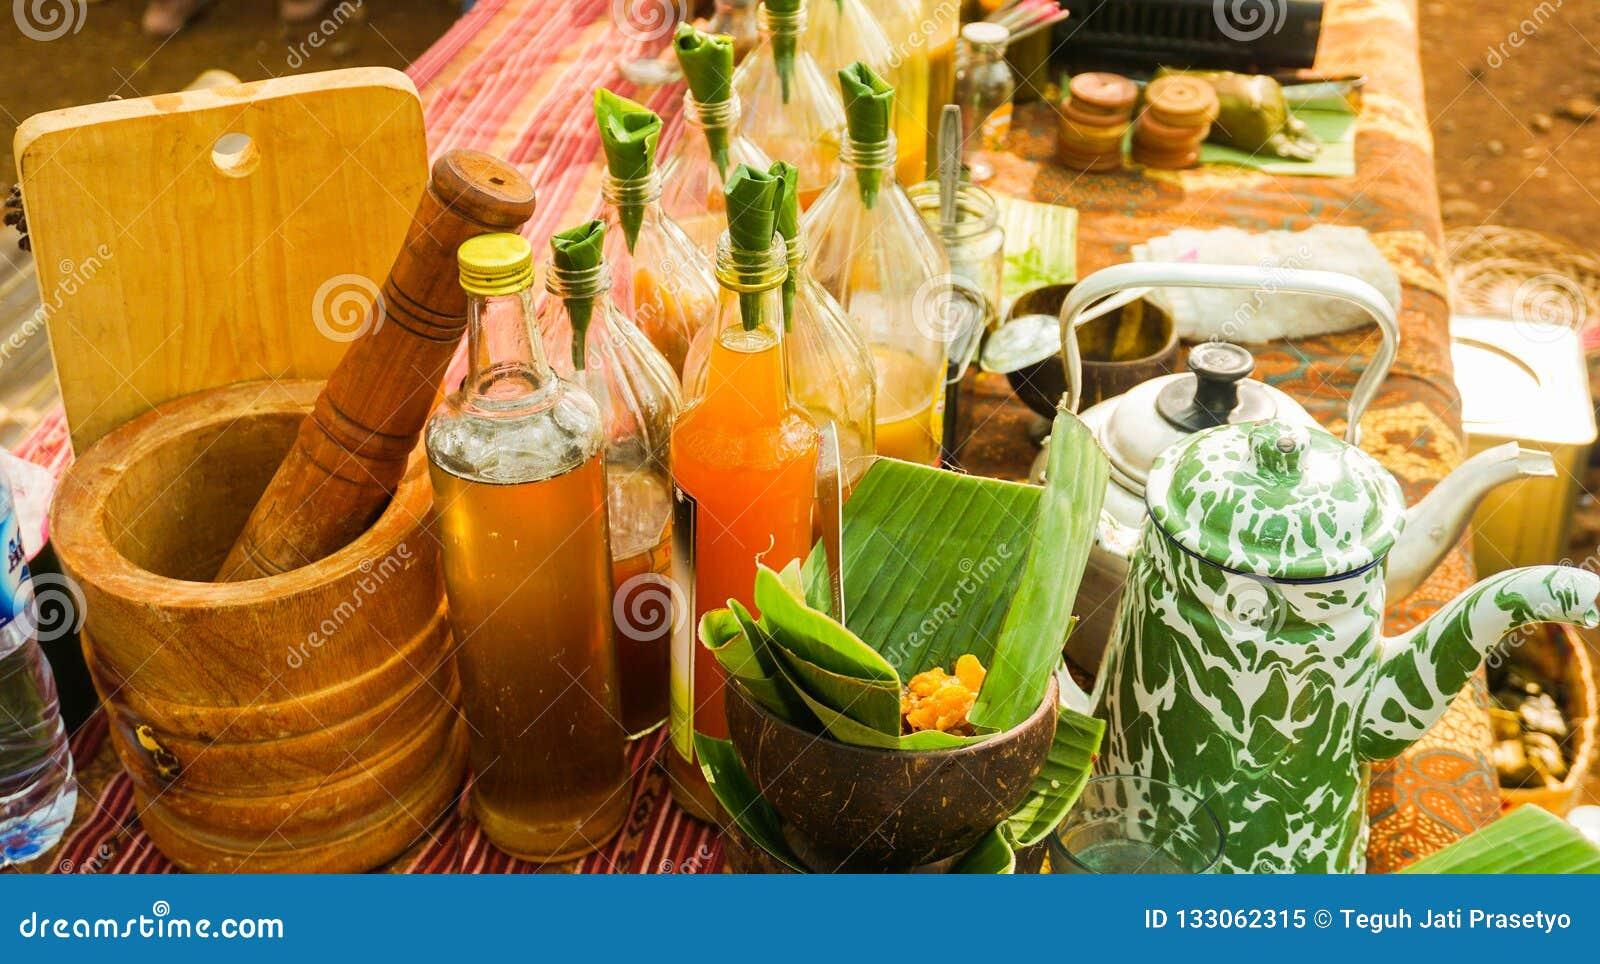 Jamu oder traditionelles gesundes Getränk gemacht vom Gewürz in der Flasche